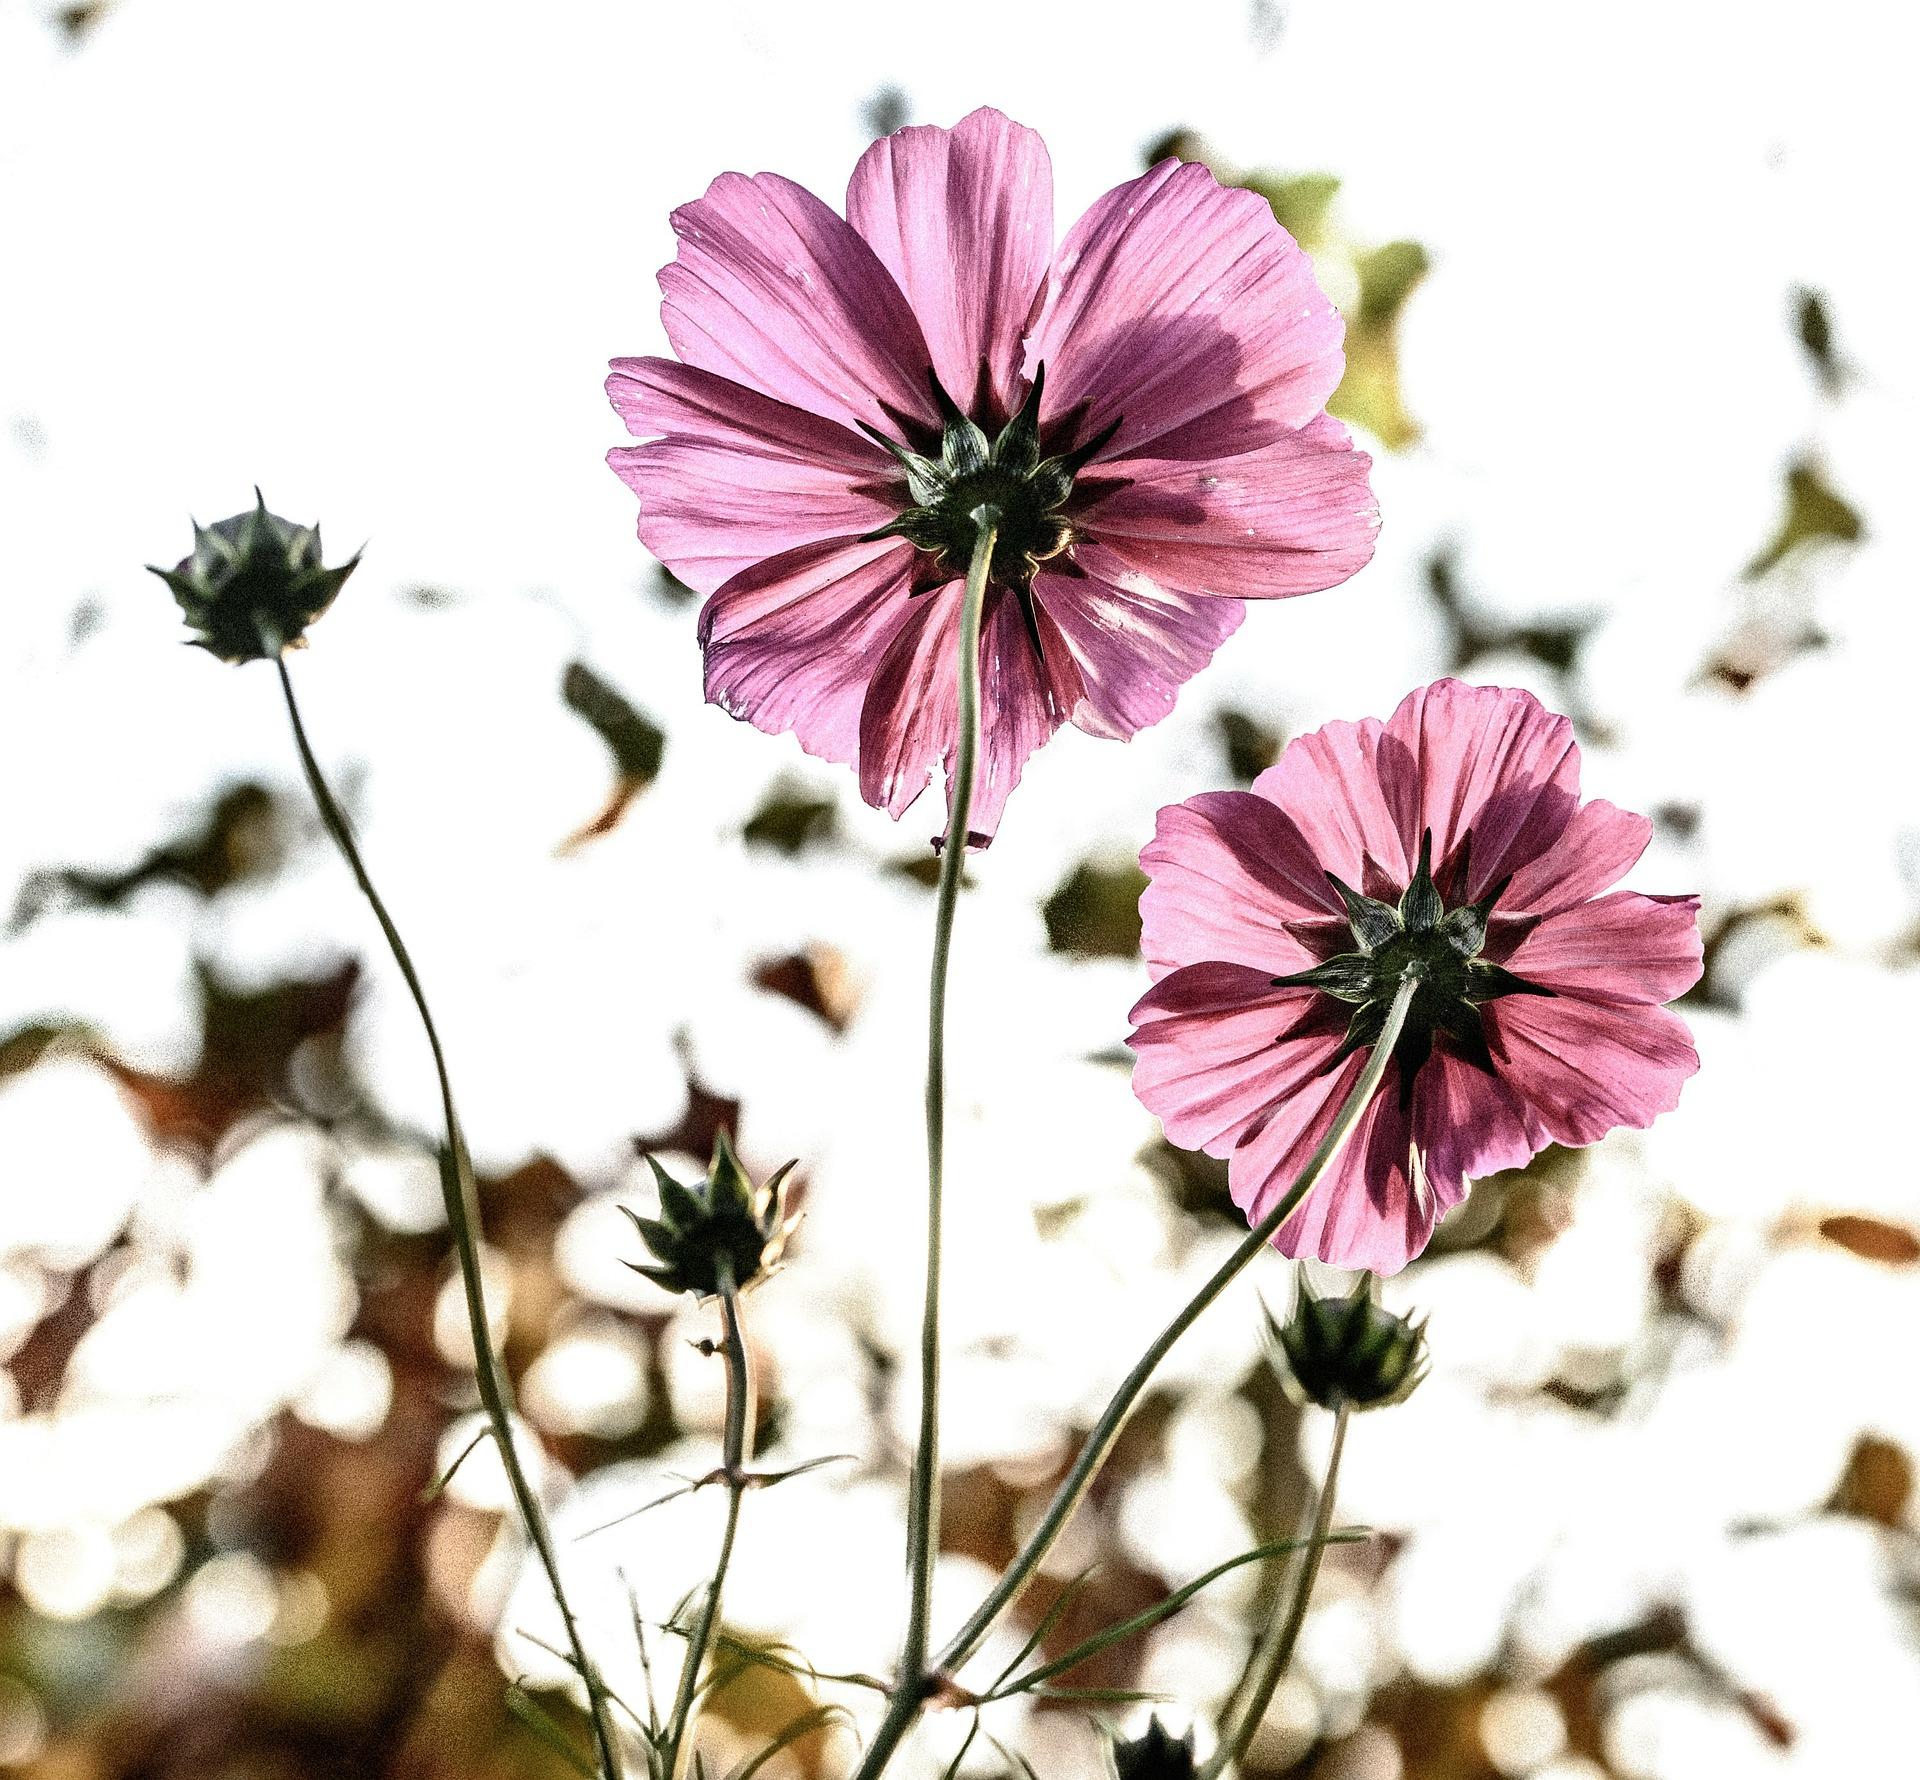 Allergie- Was ist das eigentlich und kann es geheilt werden?